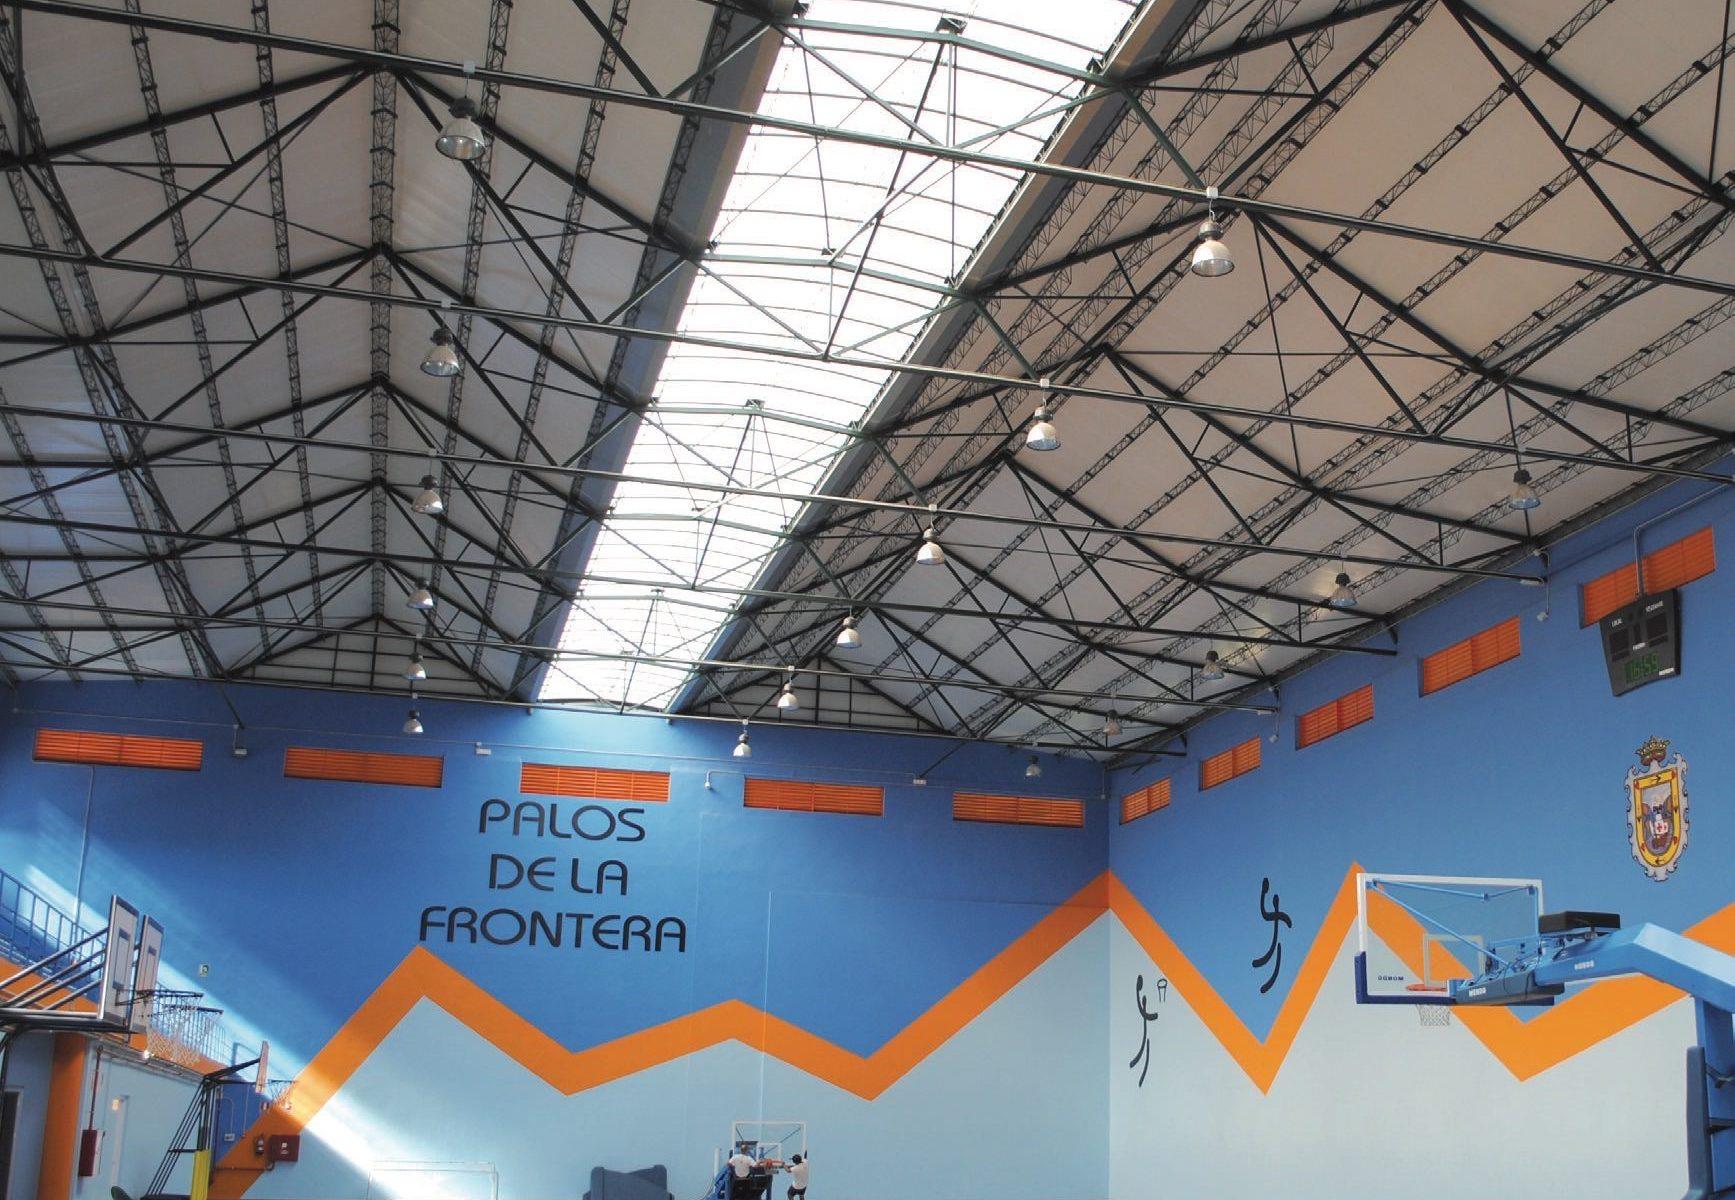 Polideportivo Palos de la Frontera